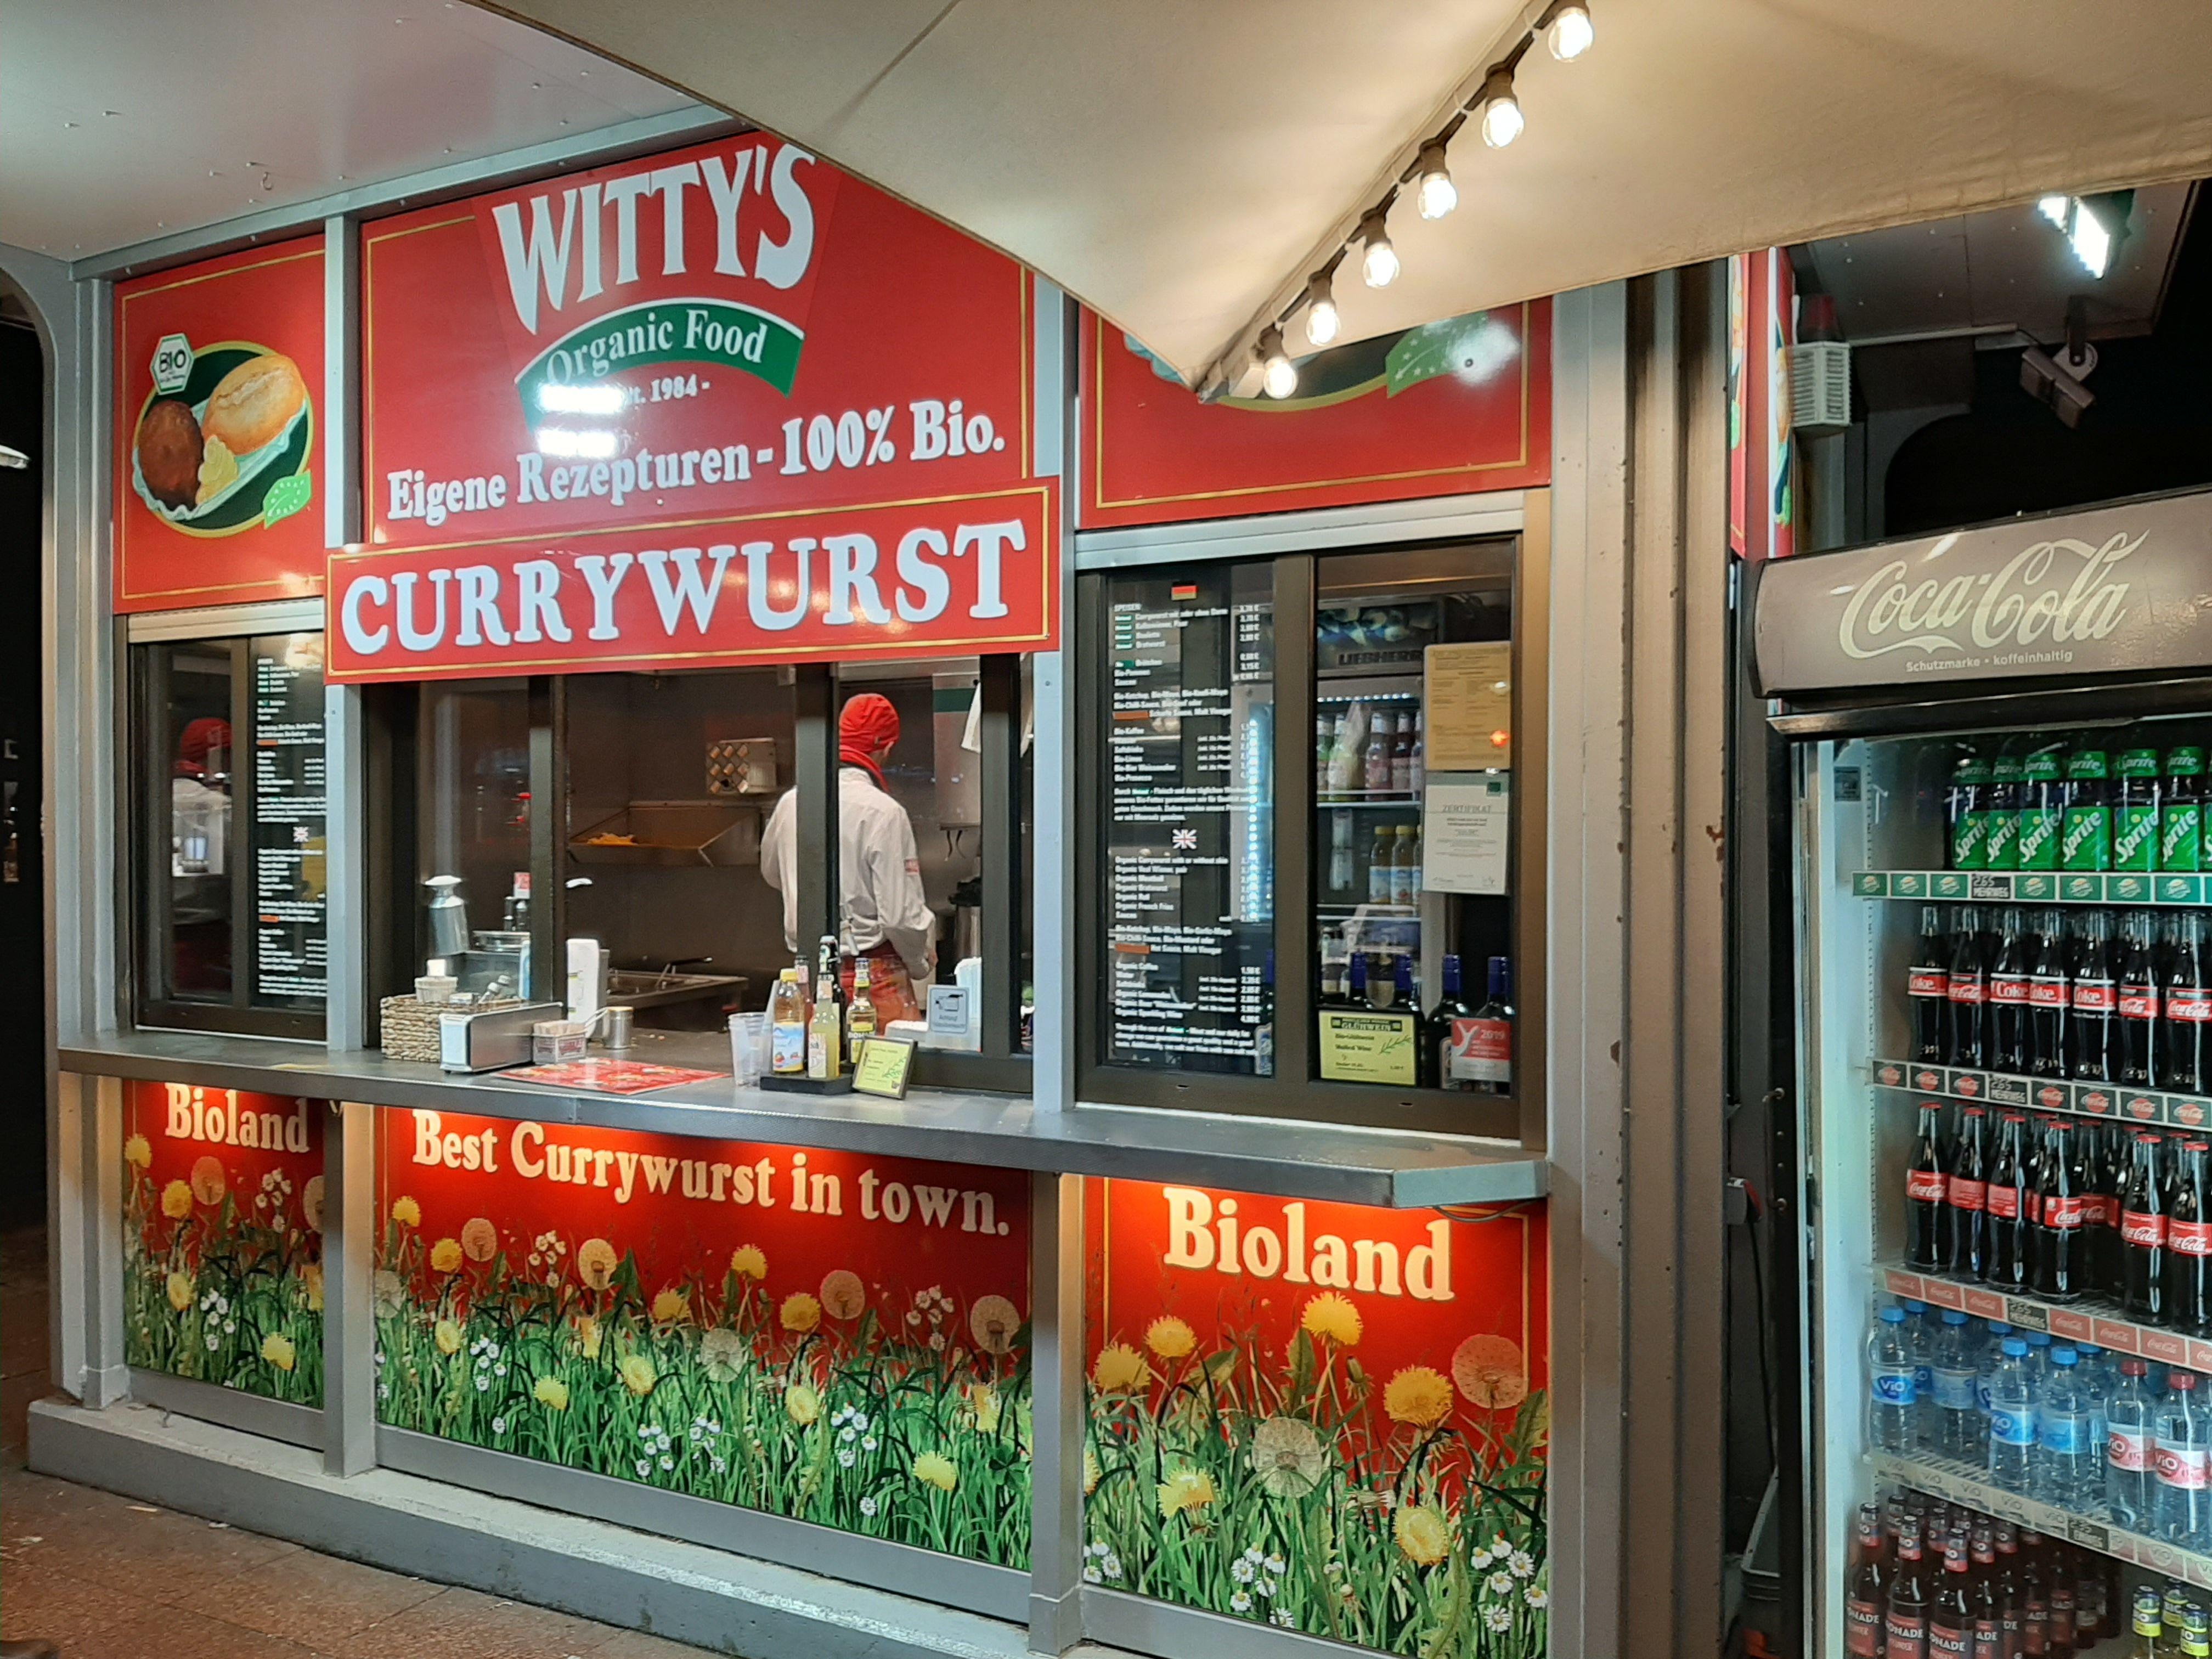 Egy hétig currywurstot ettem, és megpróbáltam megfejteni, miért imádják annyira a berliniek